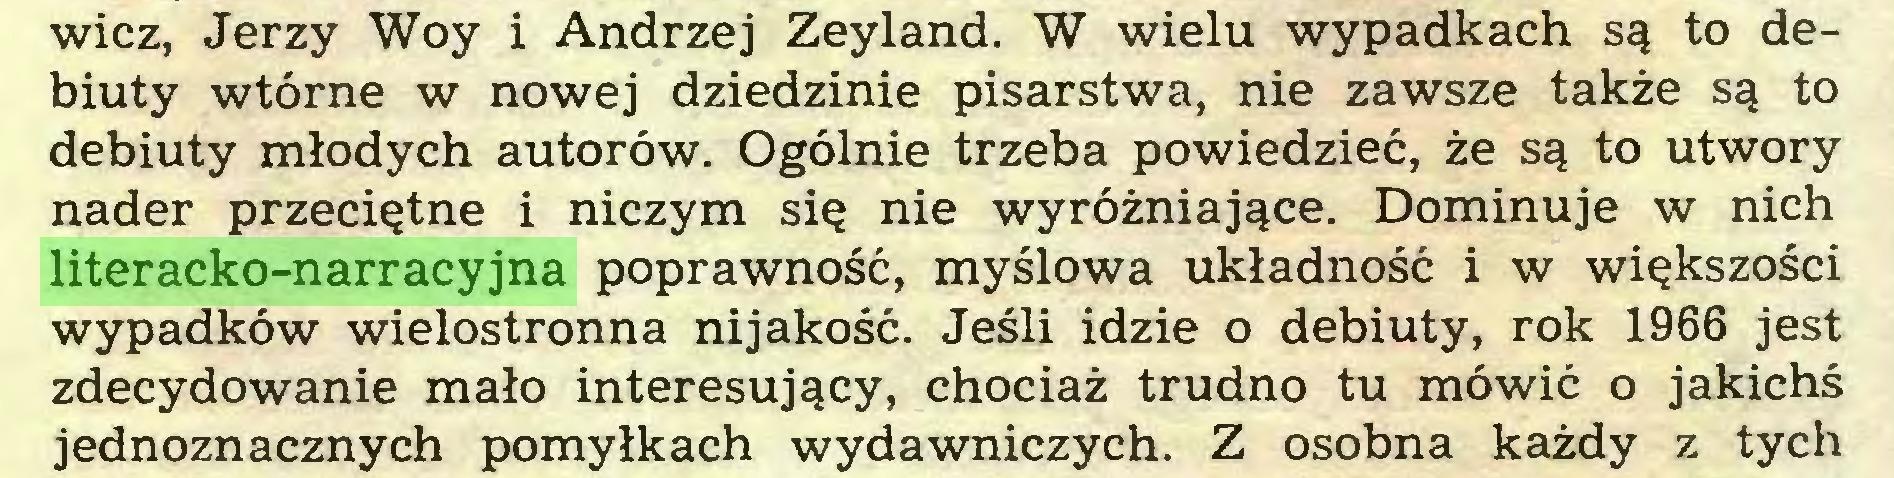 (...) wicz, Jerzy Woy i Andrzej Zeyland. W wielu wypadkach są to debiuty wtórne w nowej dziedzinie pisarstwa, nie zawsze także są to debiuty młodych autorów. Ogólnie trzeba powiedzieć, że są to utwory nader przeciętne i niczym się nie wyróżniające. Dominuje w nich literacko-narracyjna poprawność, myślowa układność i w większości wypadków wielostronna nijakość. Jeśli idzie o debiuty, rok 1966 jest zdecydowanie mało interesujący, chociaż trudno tu mówić o jakichś jednoznacznych pomyłkach wydawniczych. Z osobna każdy z tych...